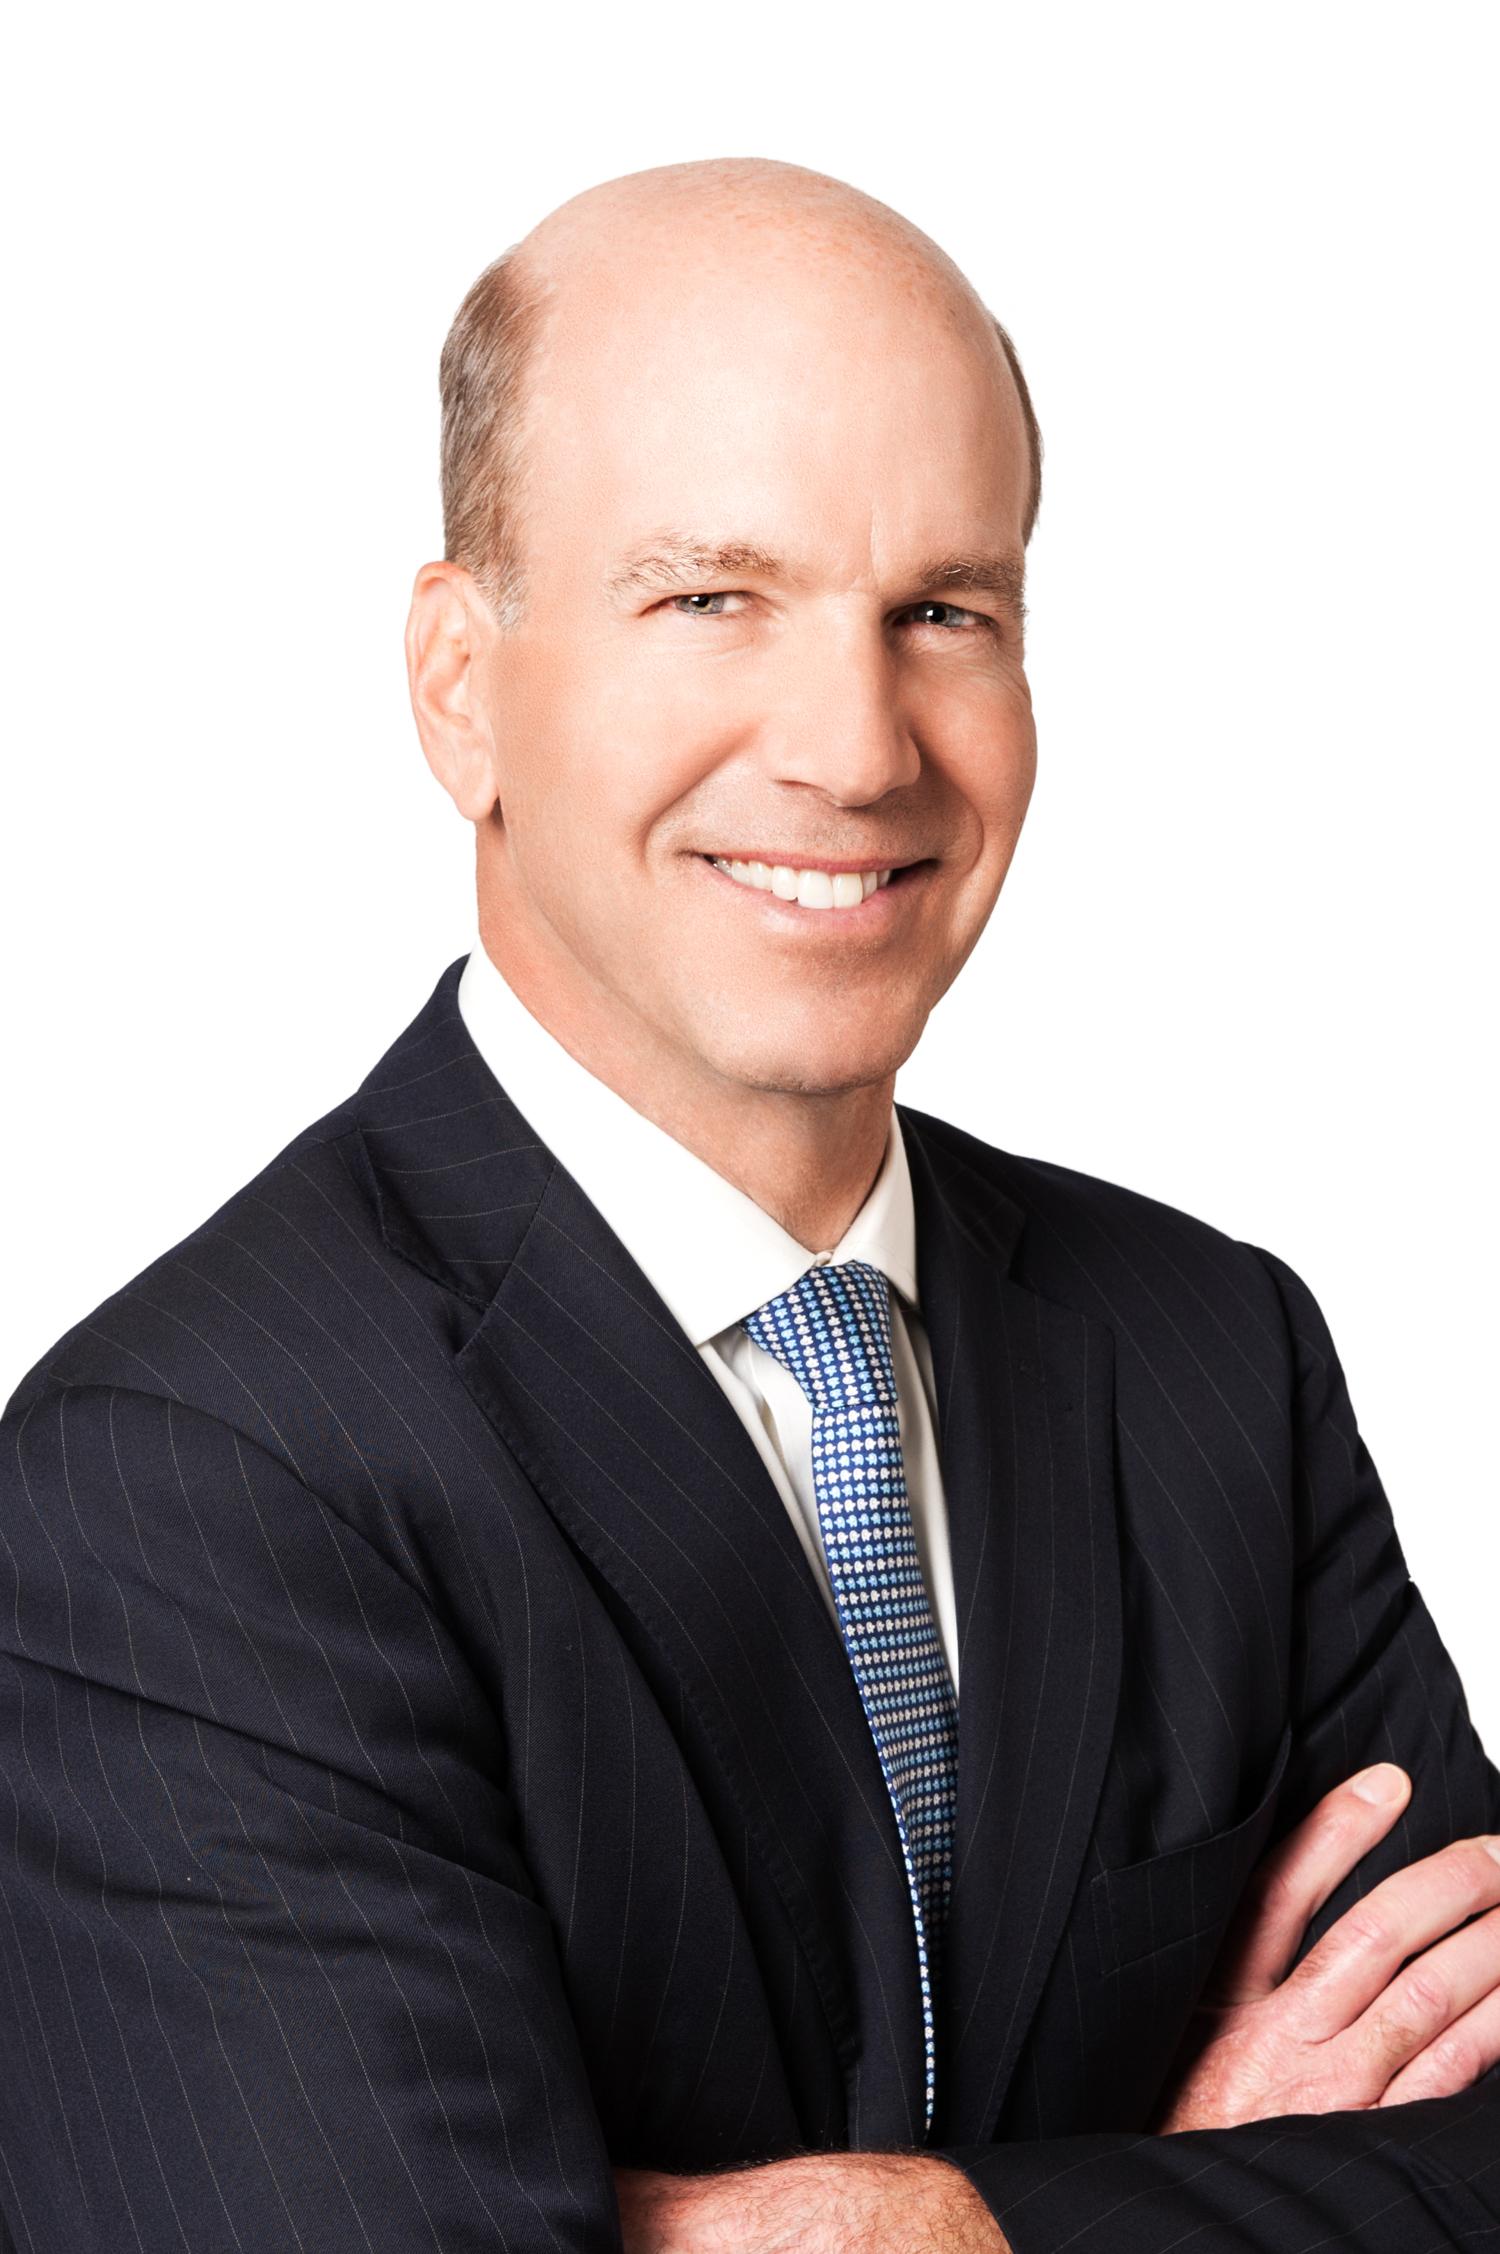 business_headshot_corporate--4.jpg